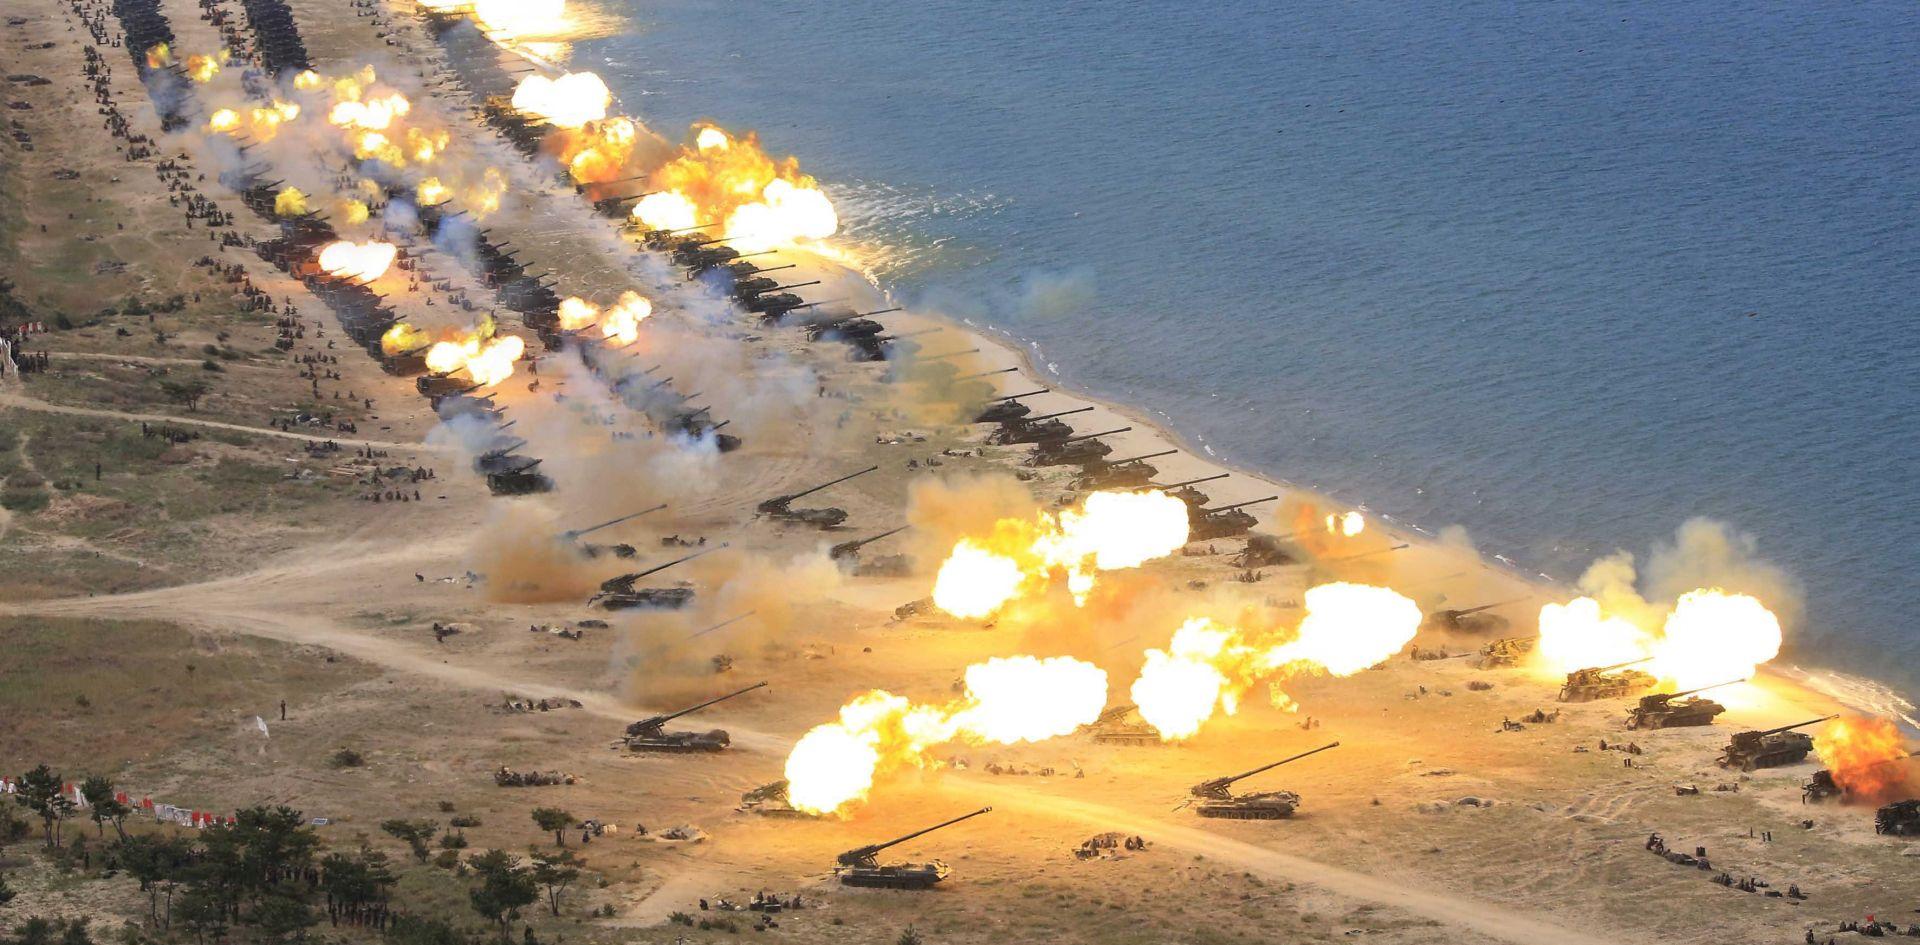 SJEVERNA KOREJA 'SAD dovodi korejski poluotok na rub nuklearnog rata'